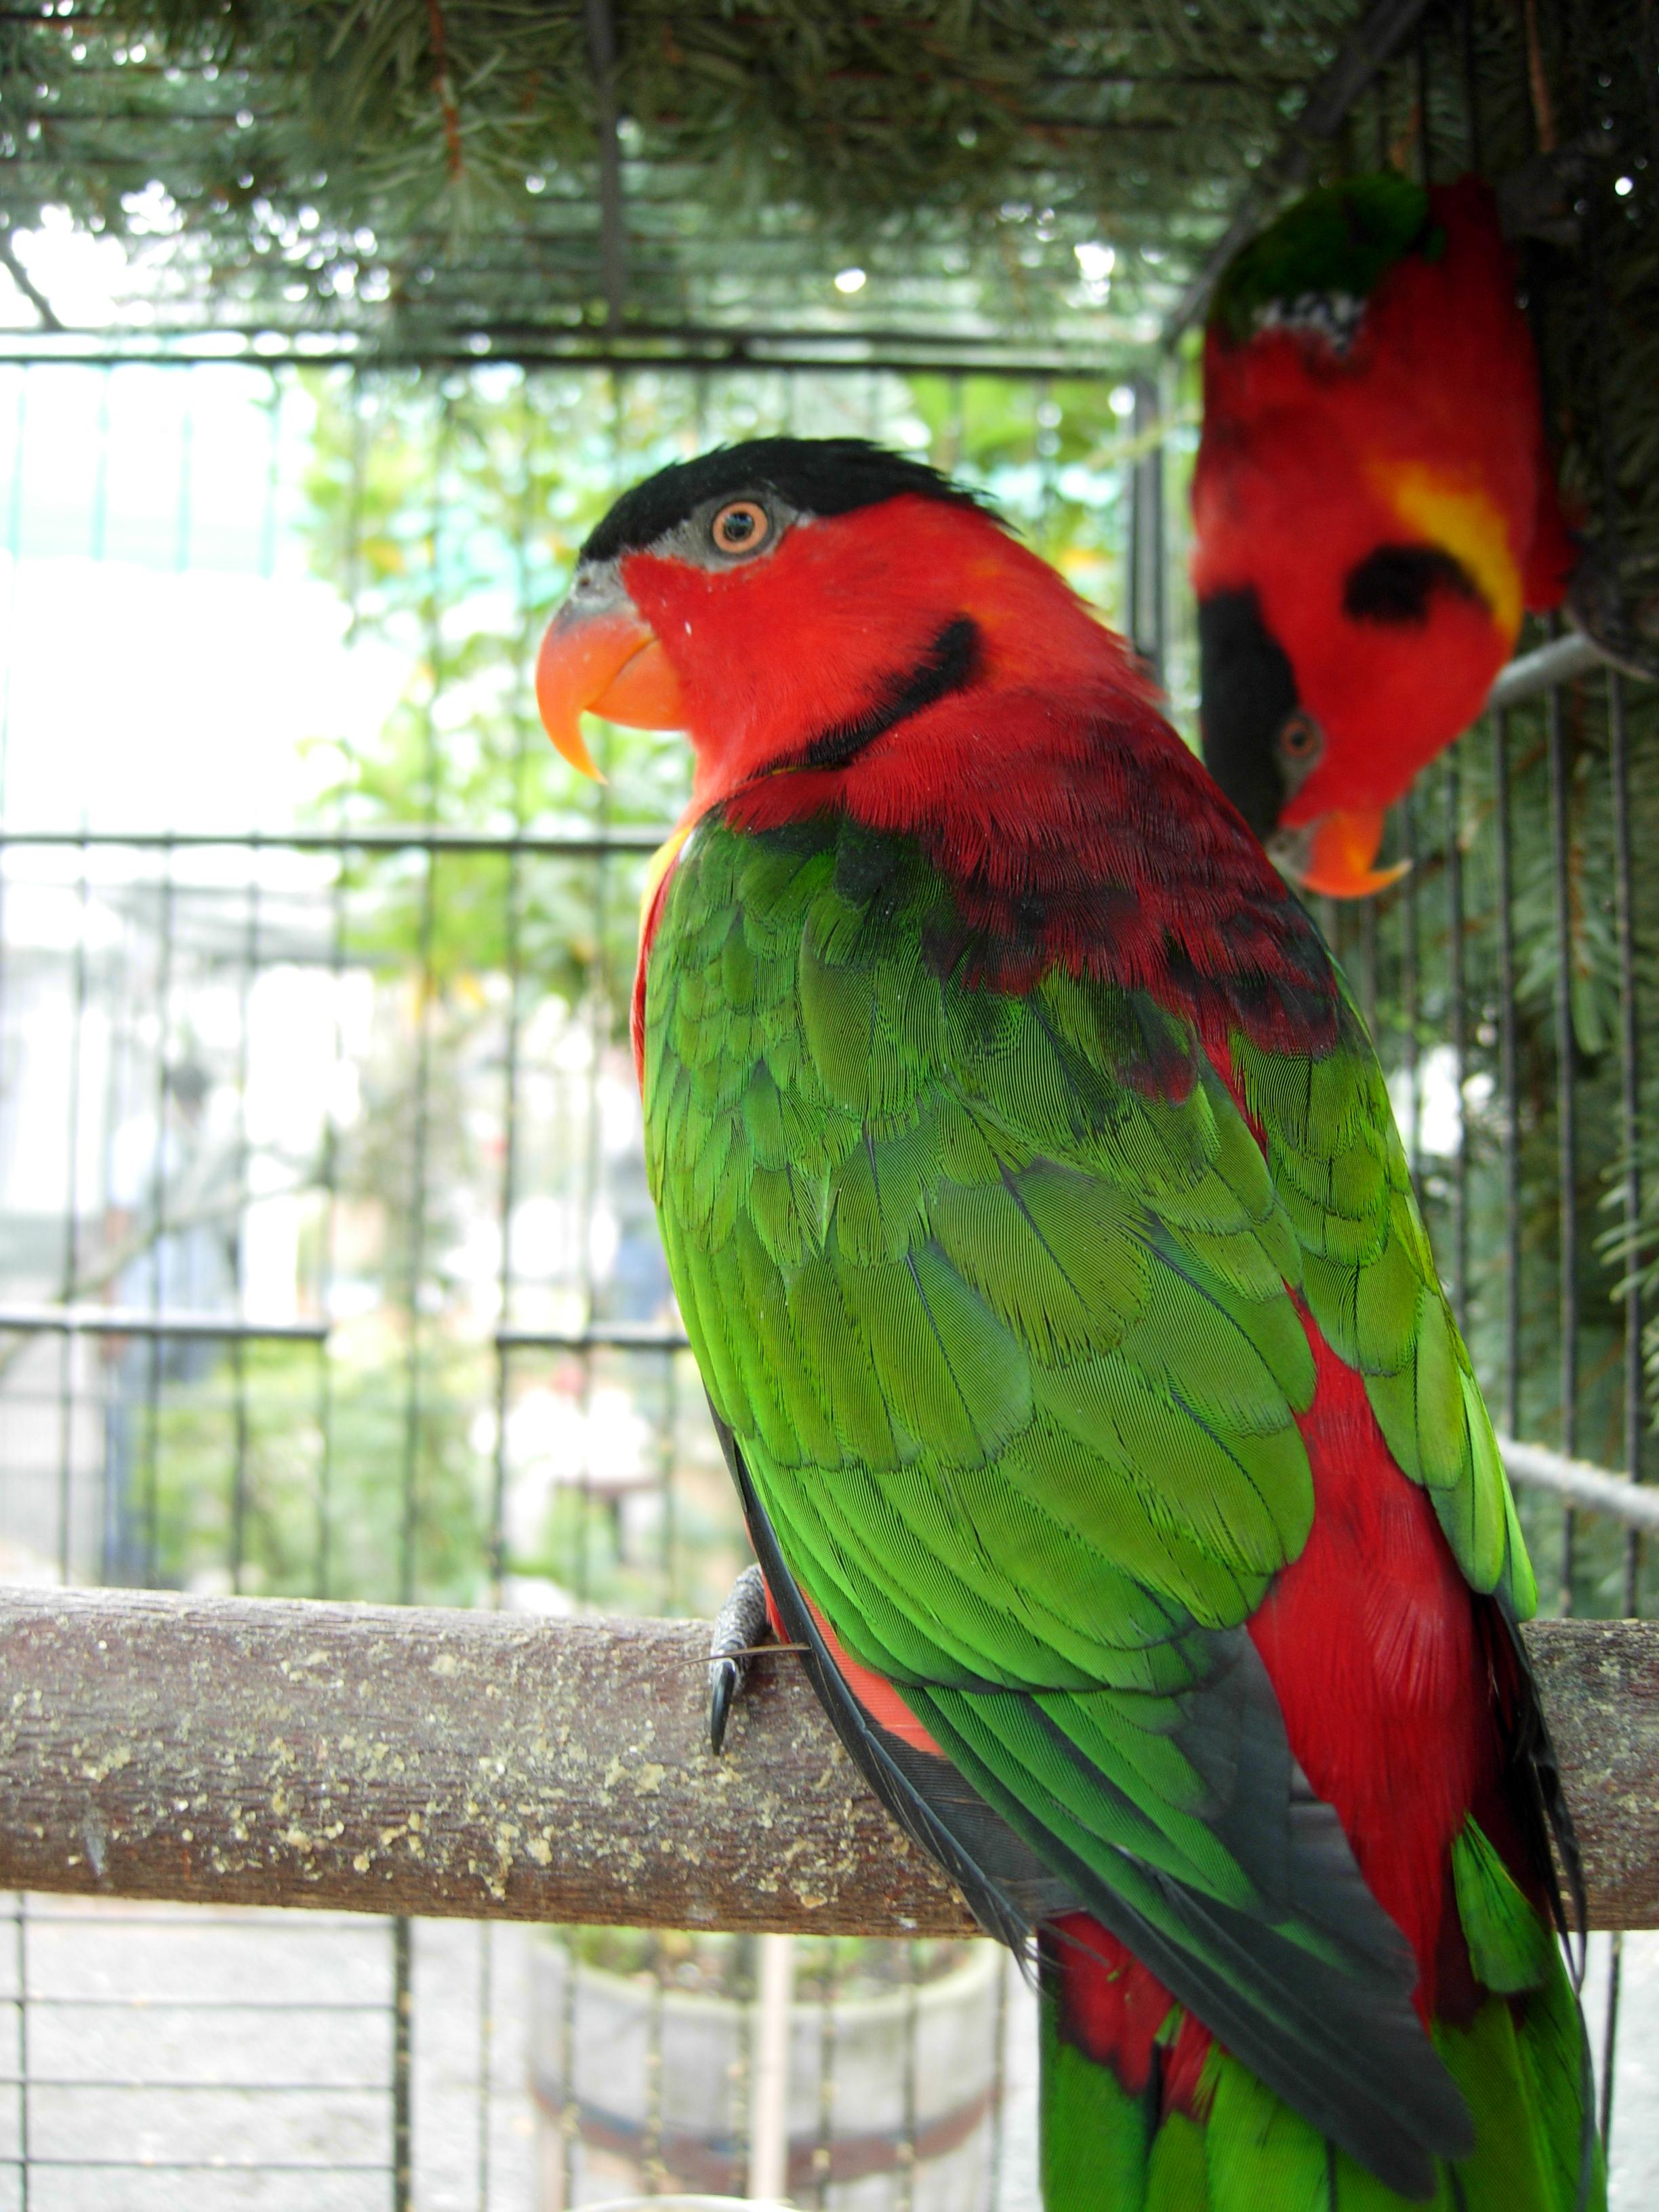 Внешний вид: Длина попугая 30 см. Окраска оперения красная.